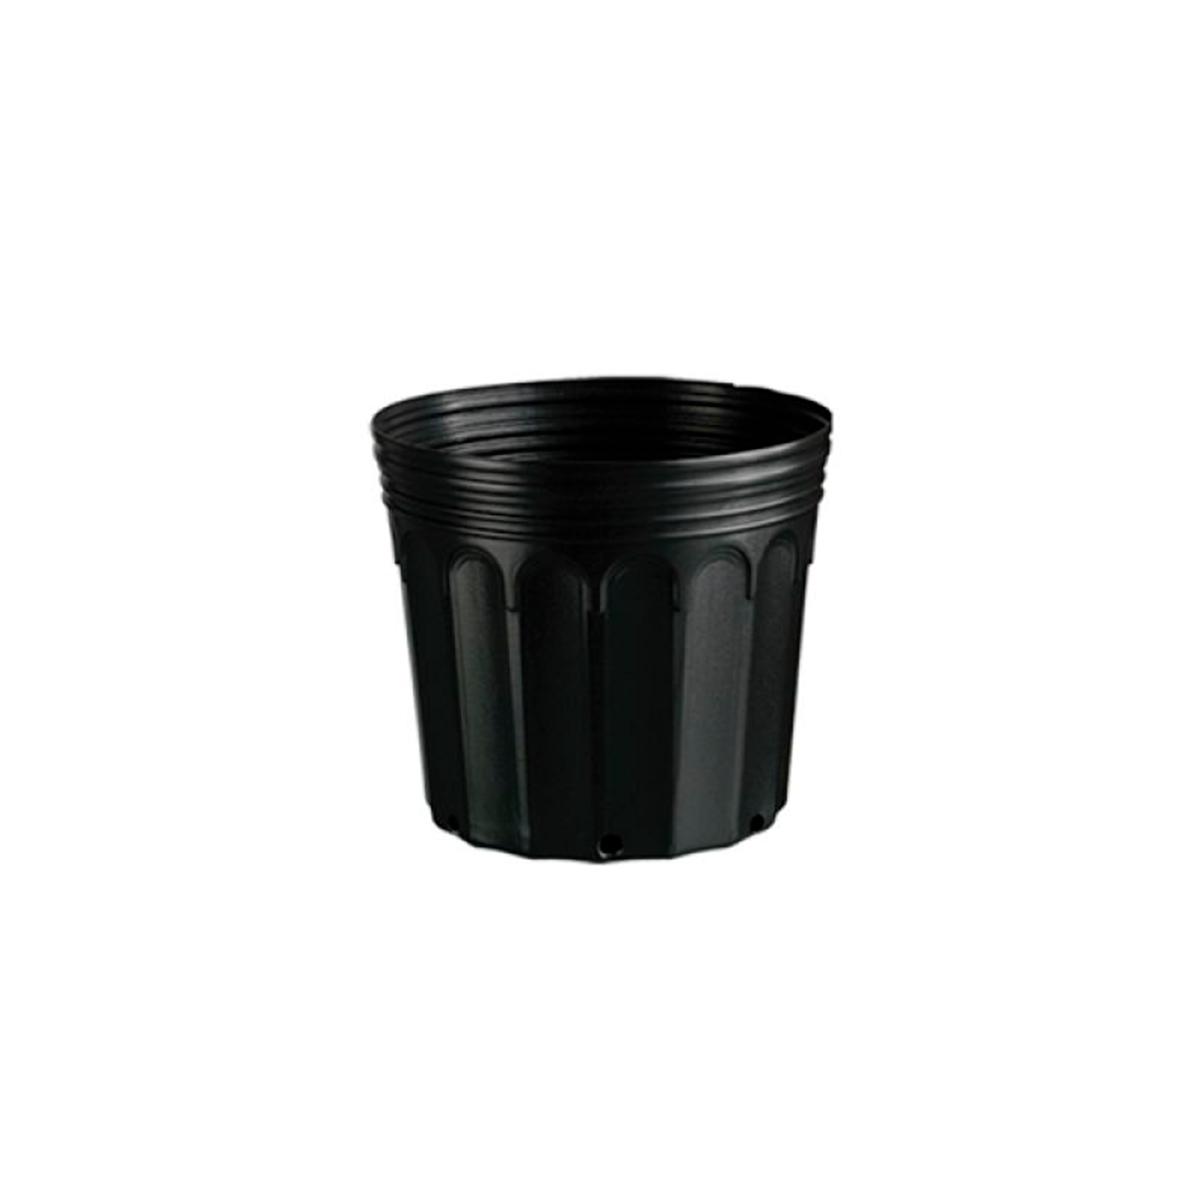 Kit com 200 Embalagem para Mudas Vaso Sem Alça 11 Litros